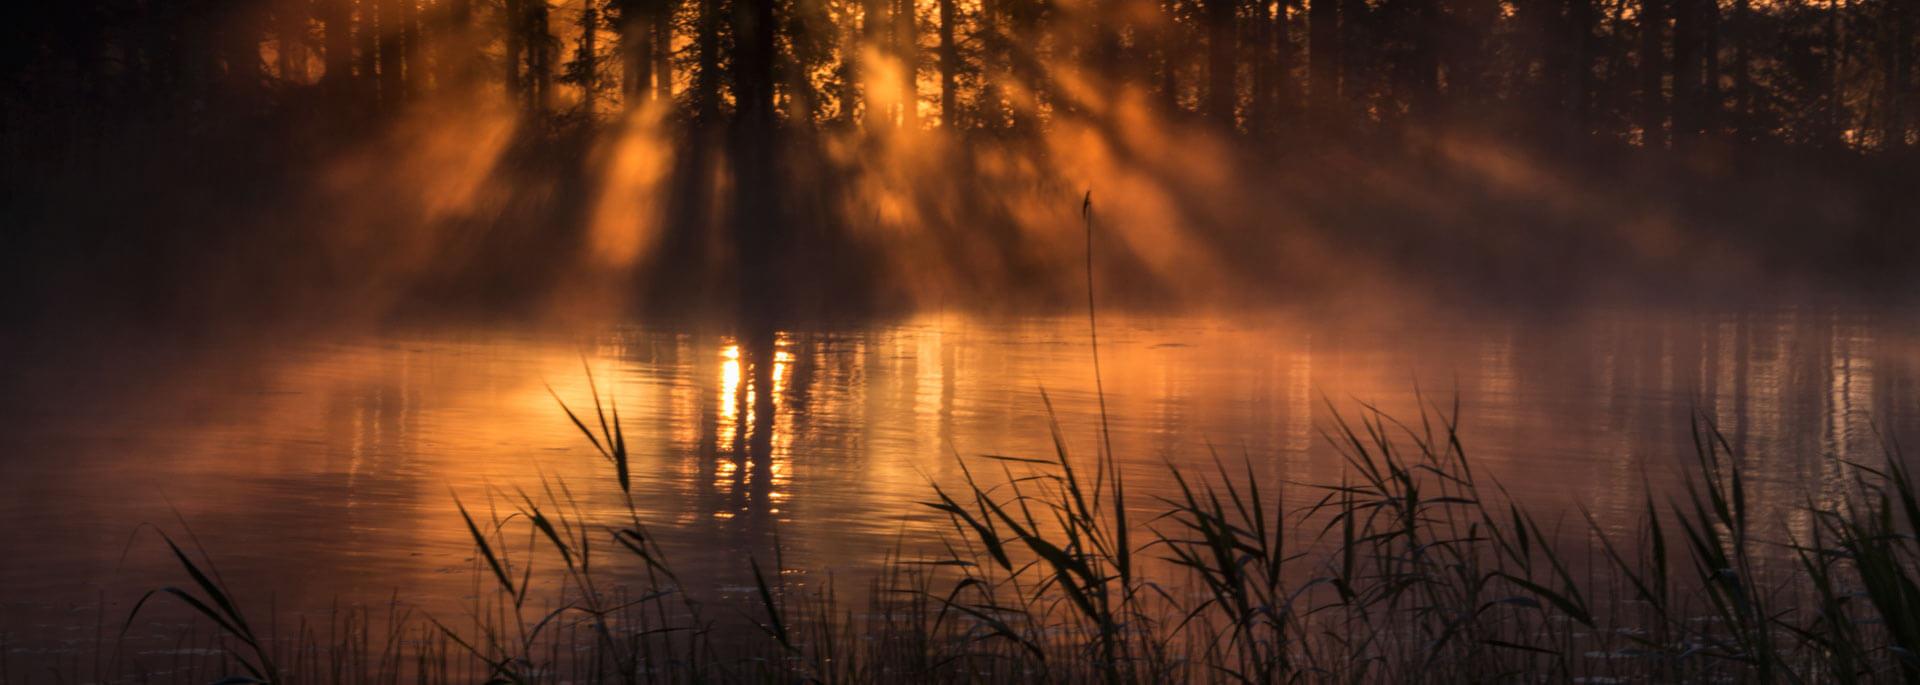 Fotos: Mittsommer in Finnland